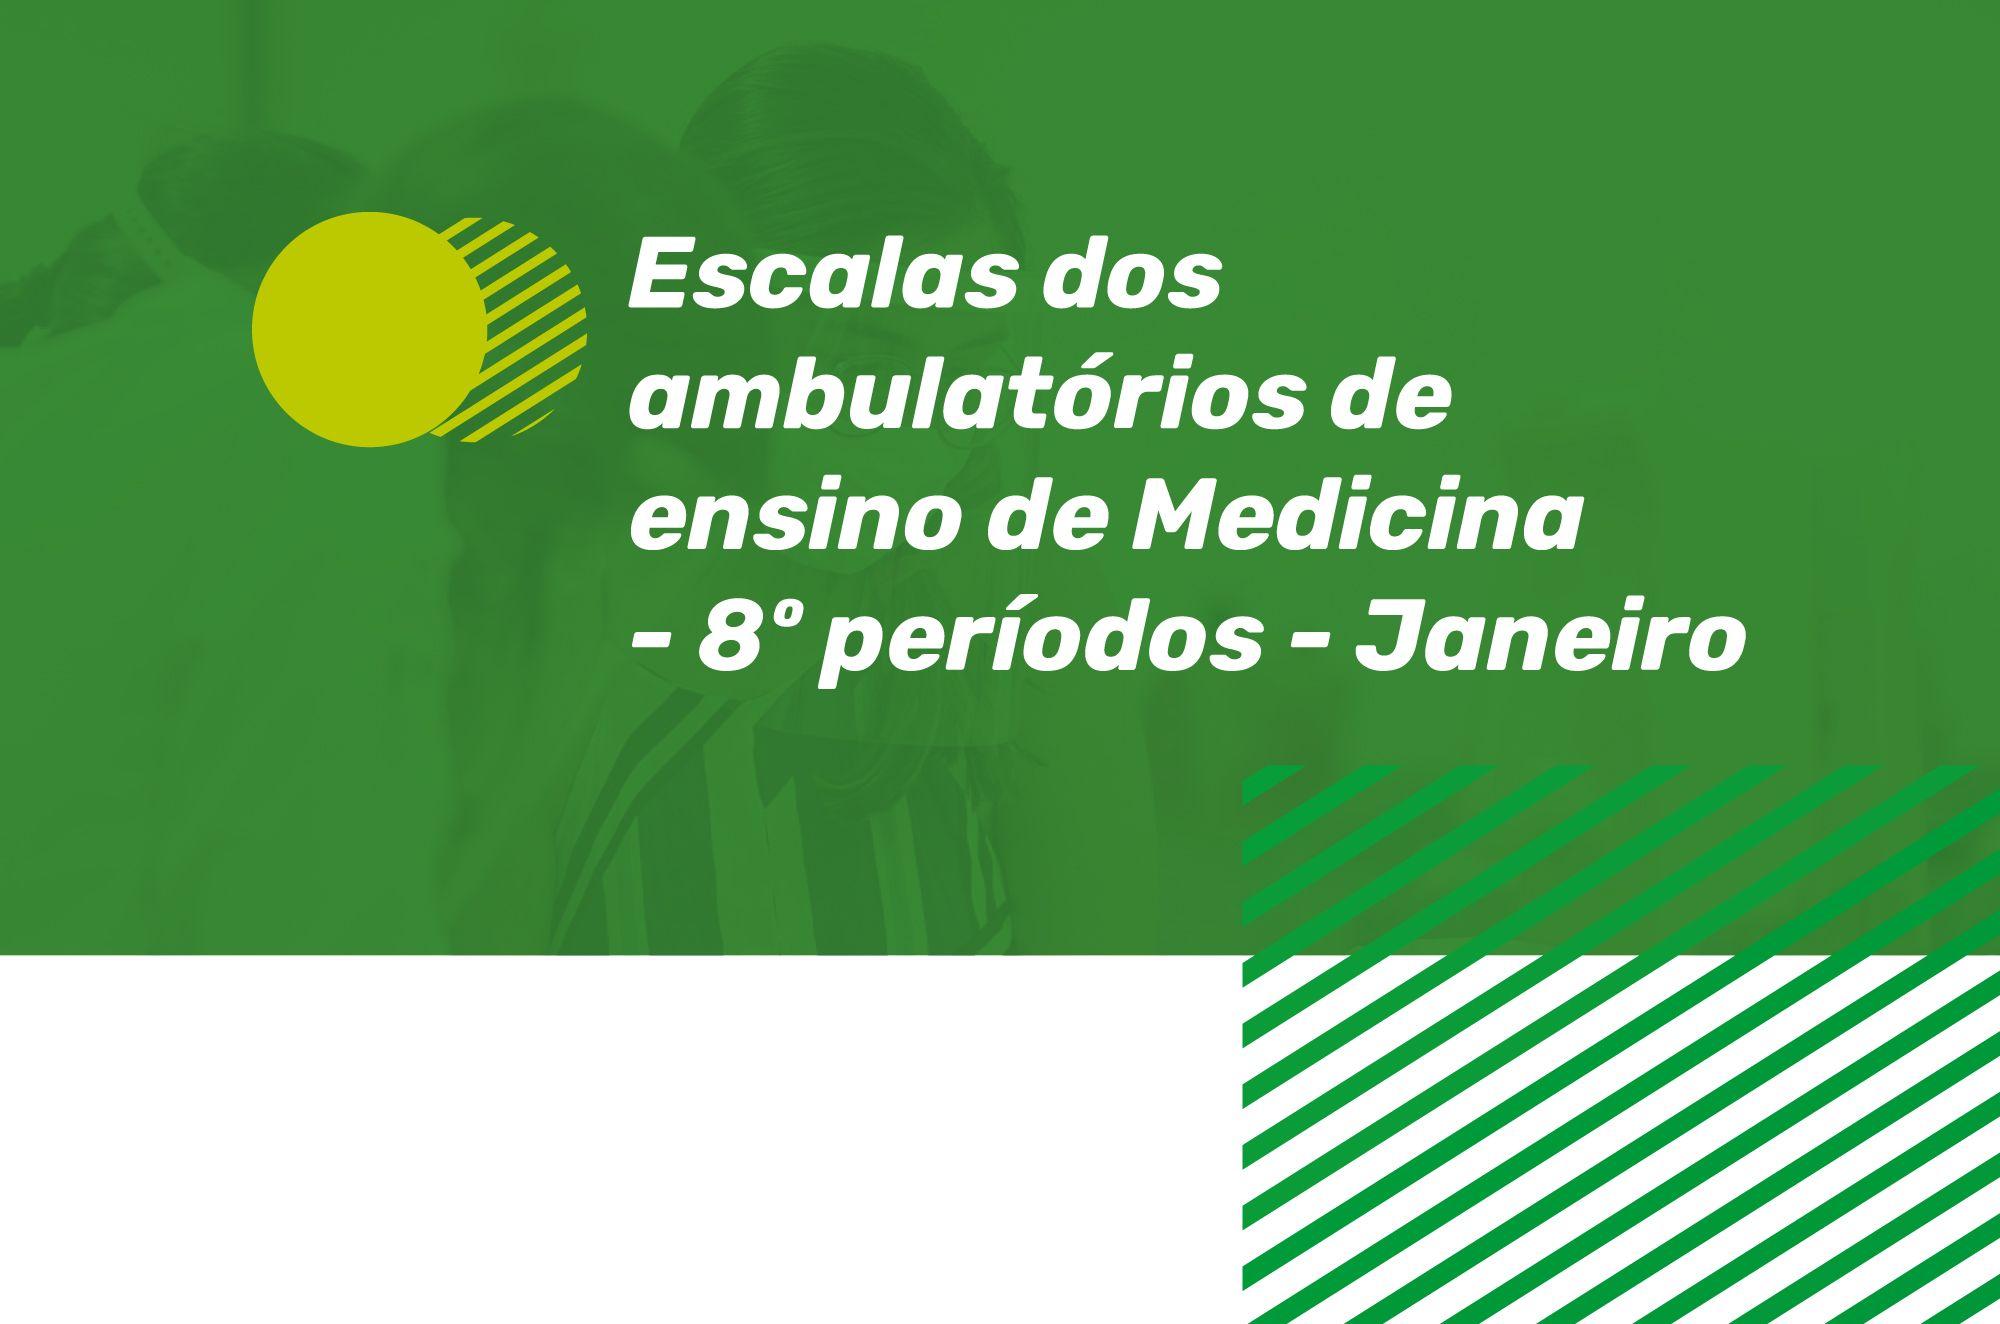 Escala dos Ambulatórios de Ensino de Medicina - 8º período - Janeiro